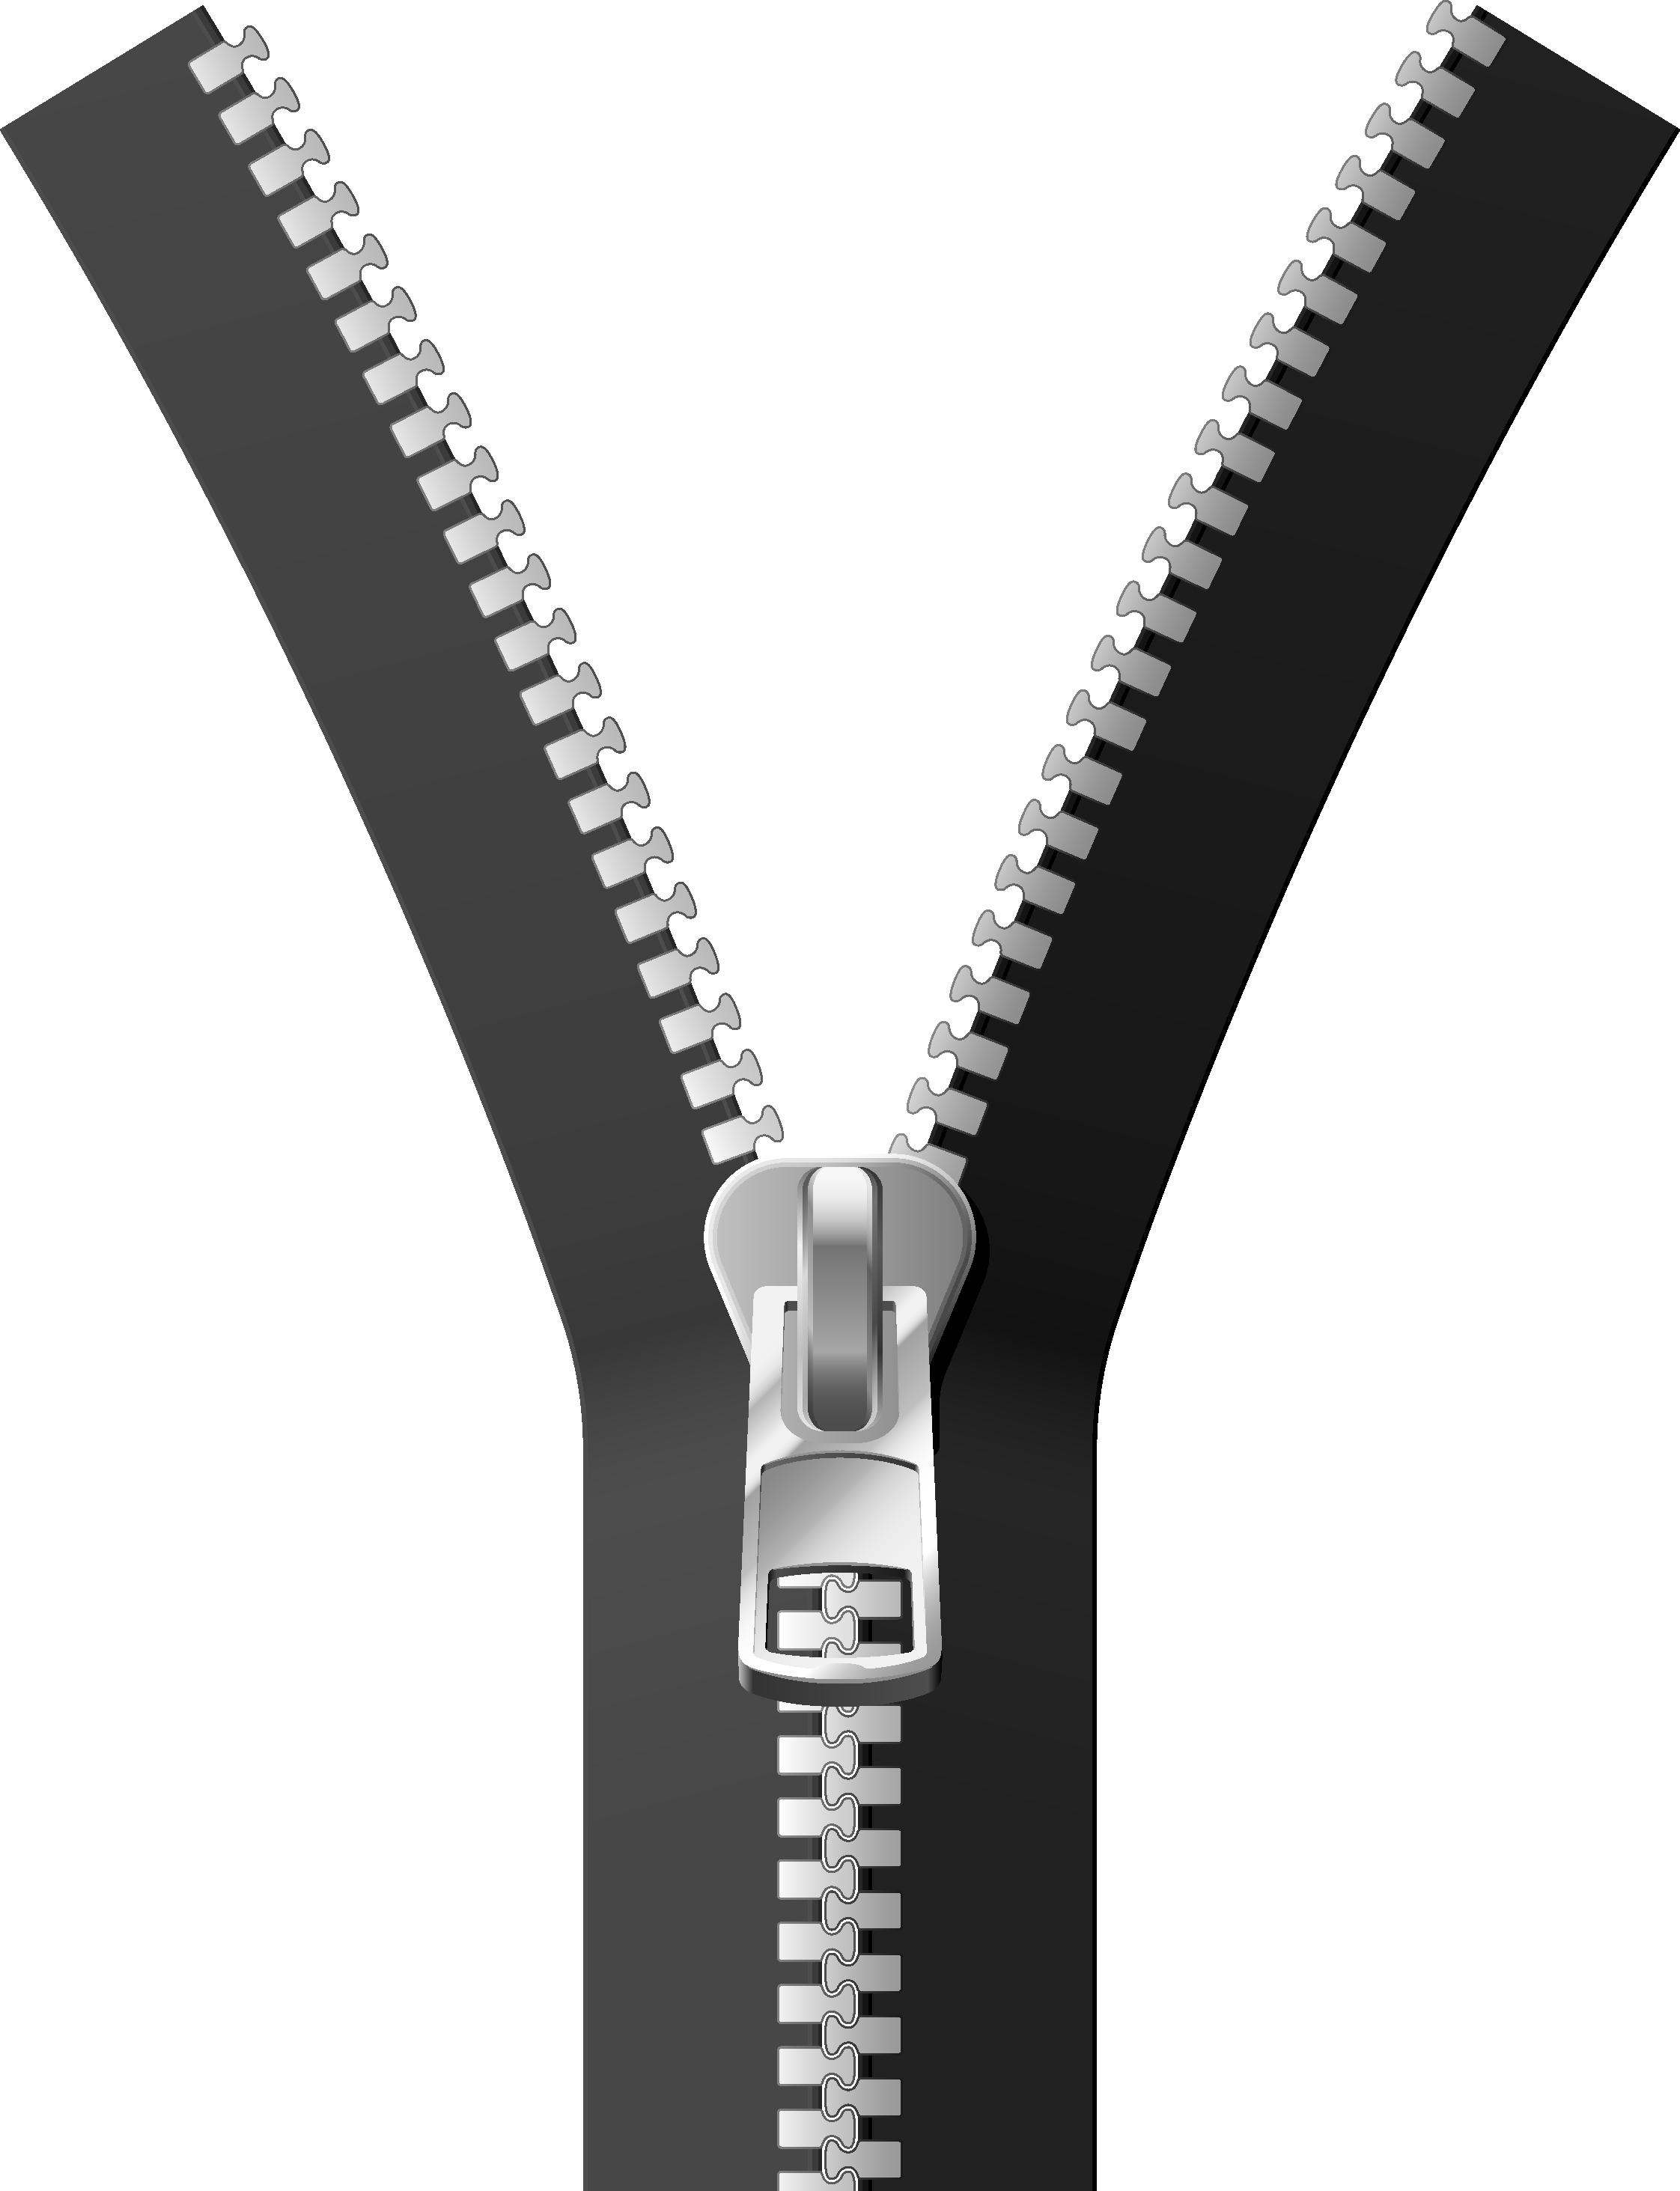 Zipper clipart chain. Drawing clip art transprent